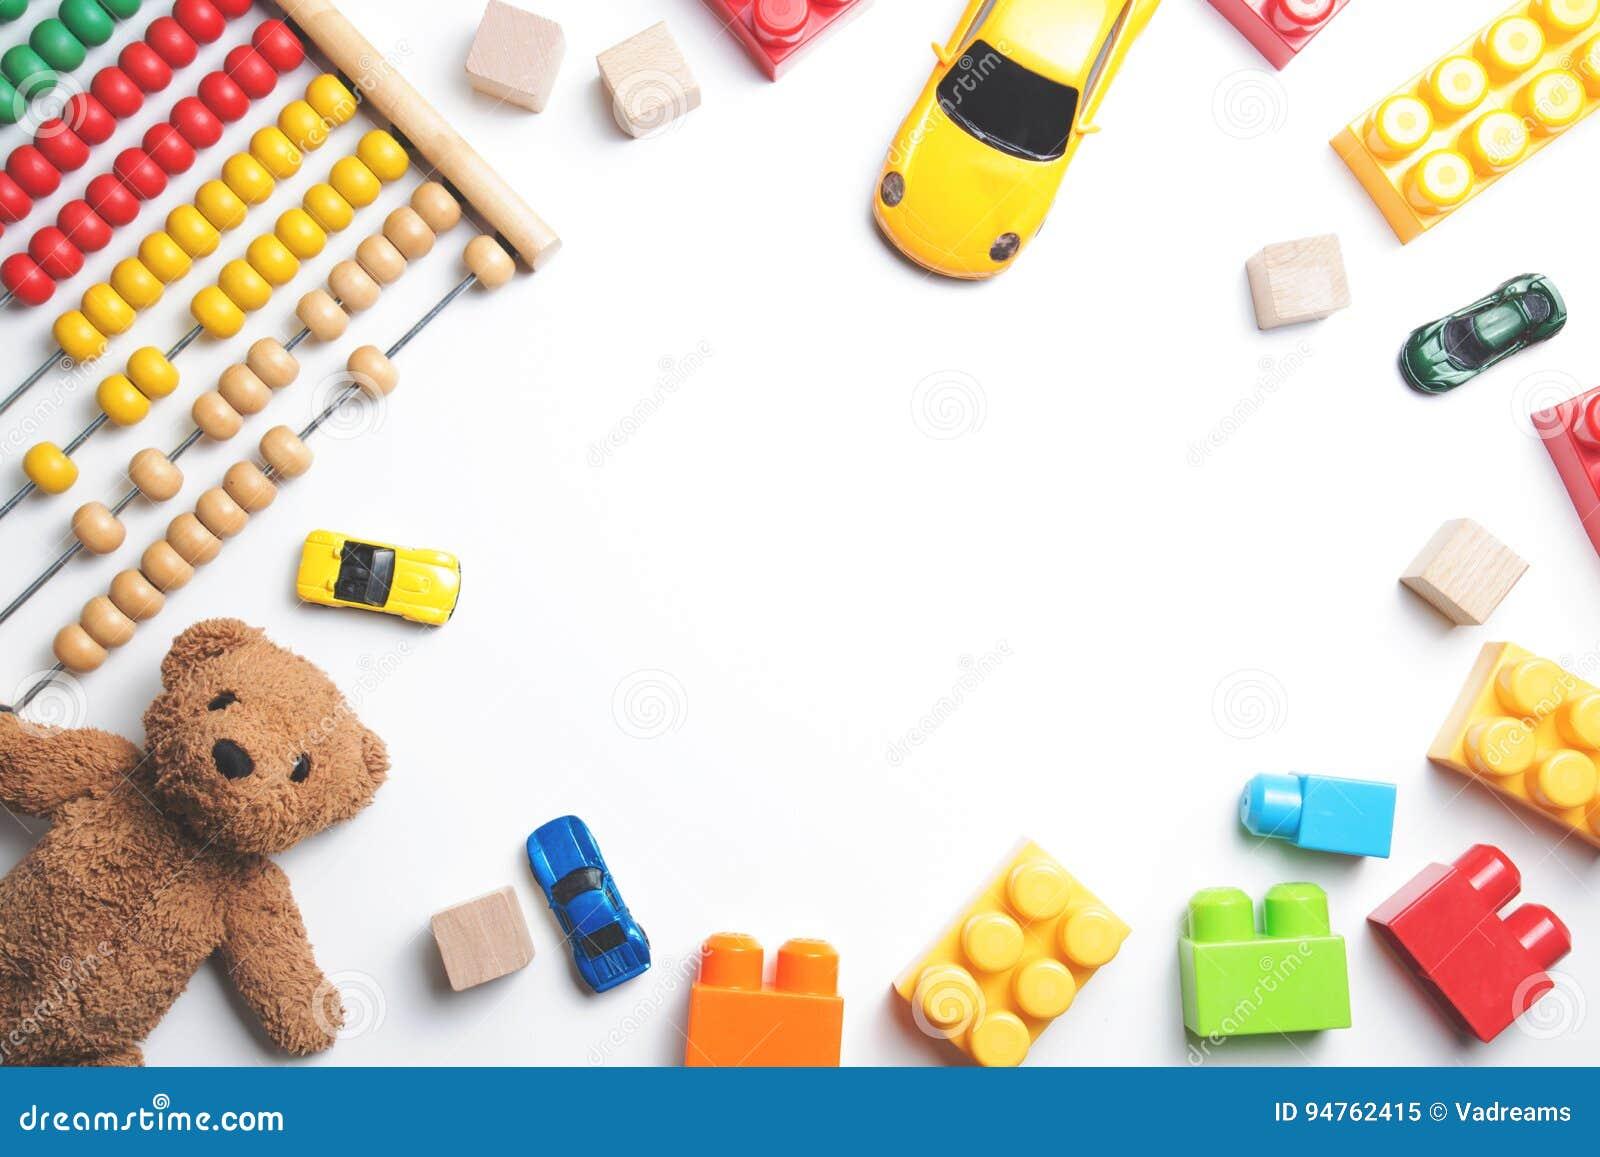 Kinderspielwarenrahmen auf weißem Hintergrund Beschneidungspfad eingeschlossen Flache Lage